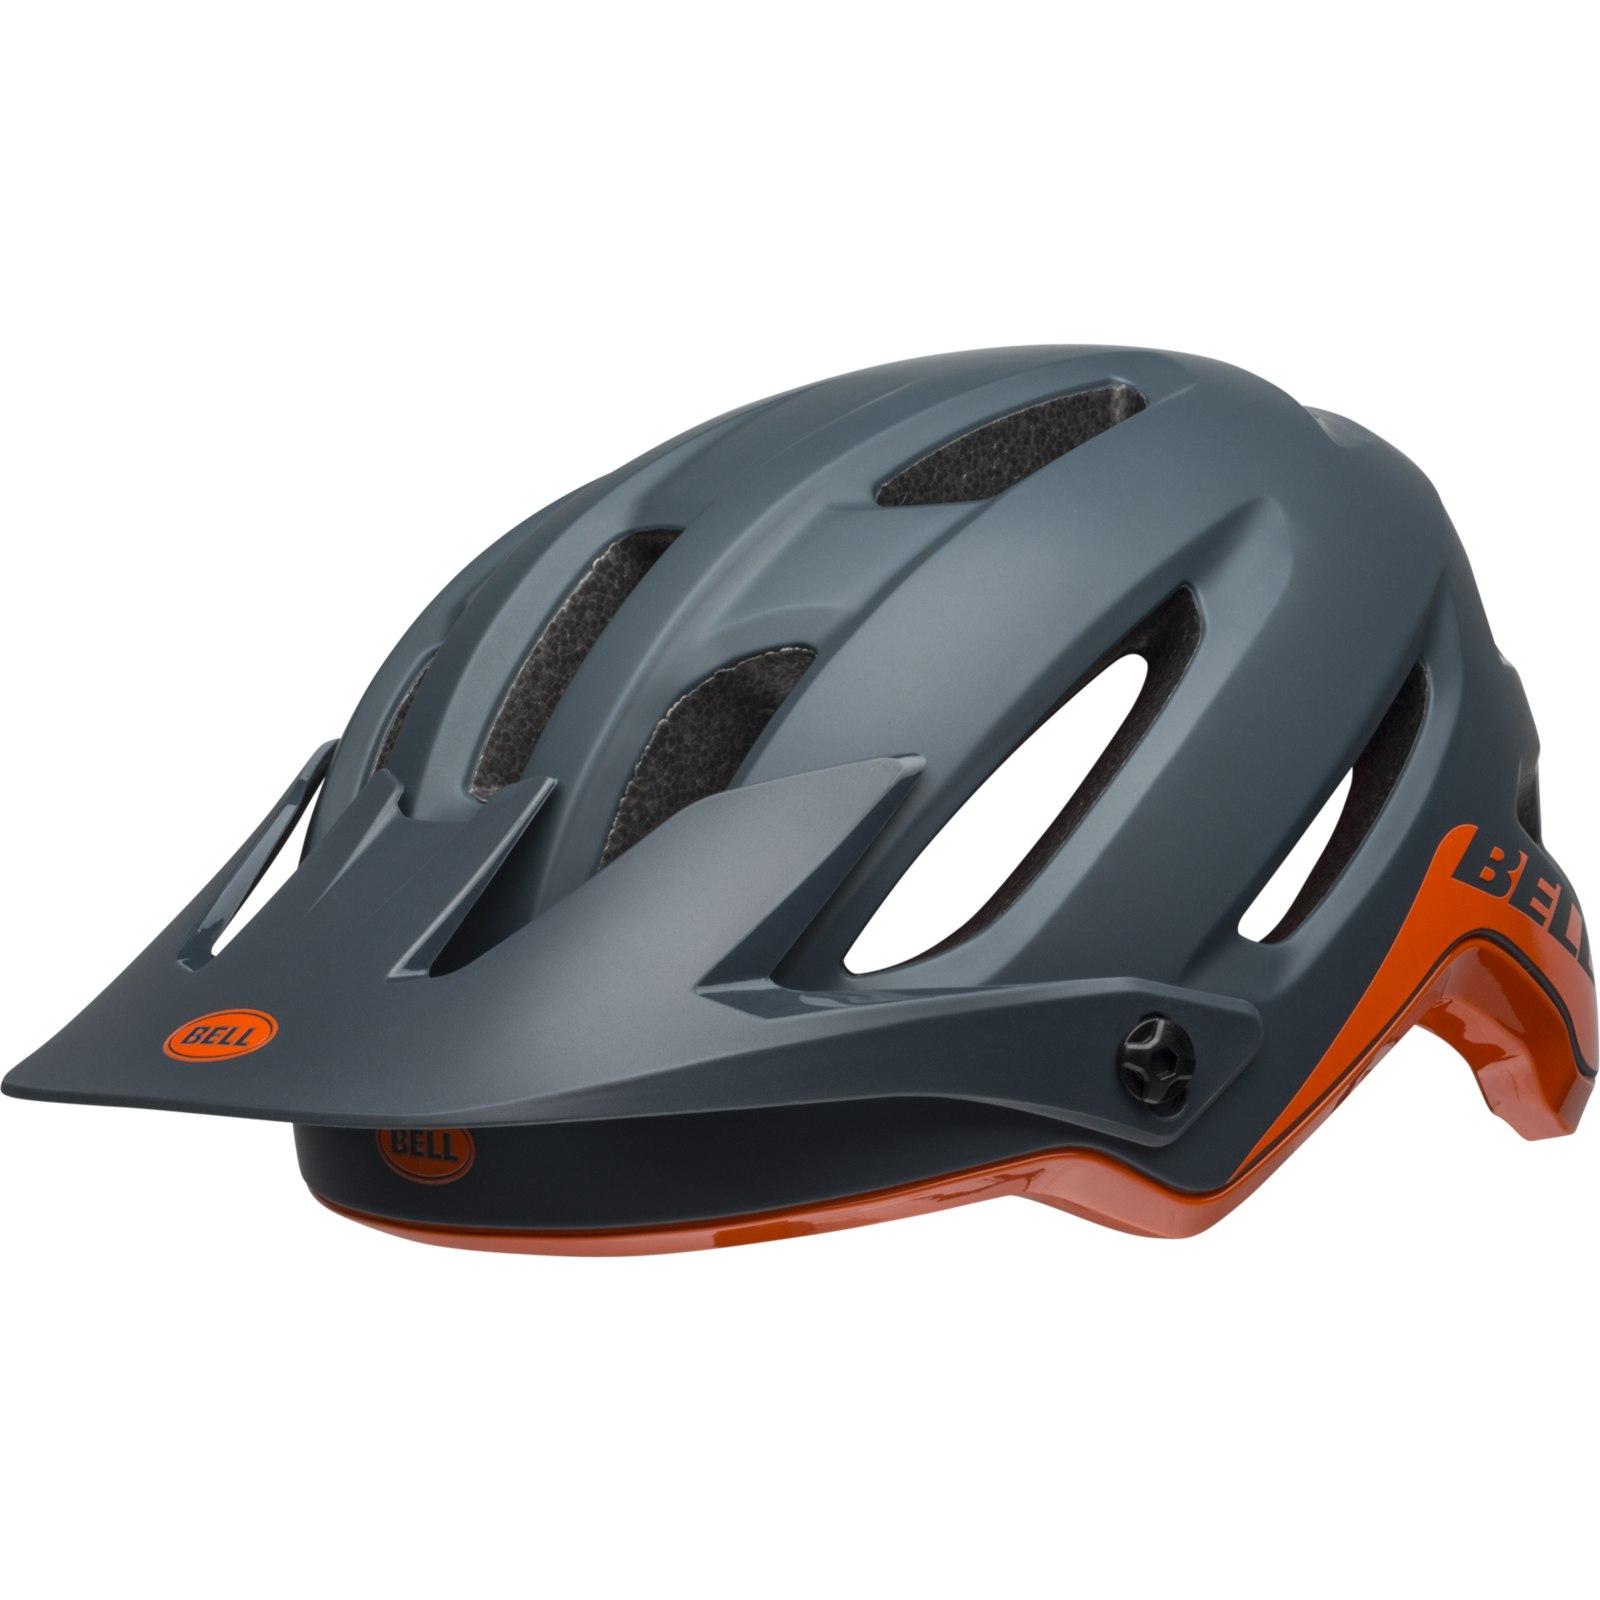 Bell 4Forty MIPS Helmet - cliffhanger matte/gloss slate/orange